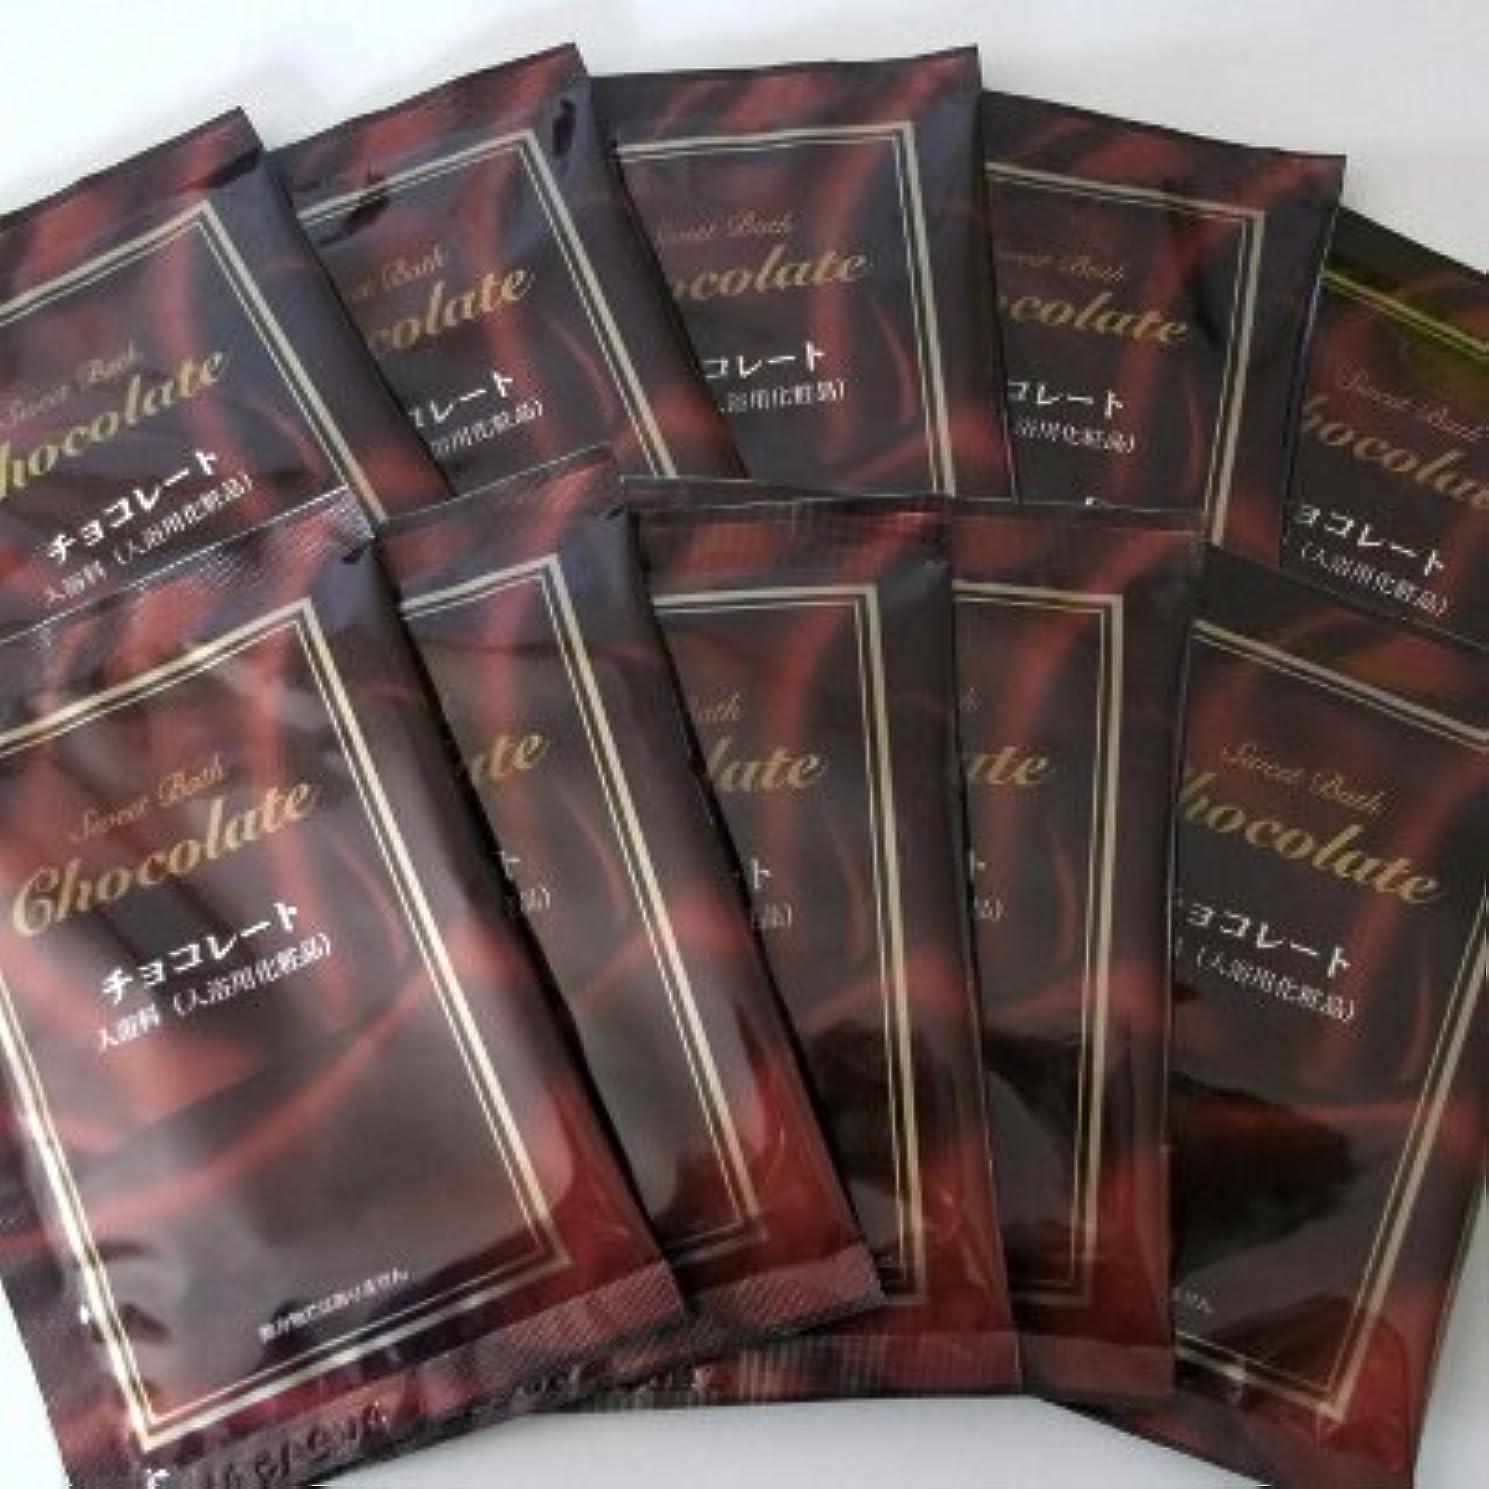 準拠正当な自宅でスイートバス チョコレートの香り 10包セット